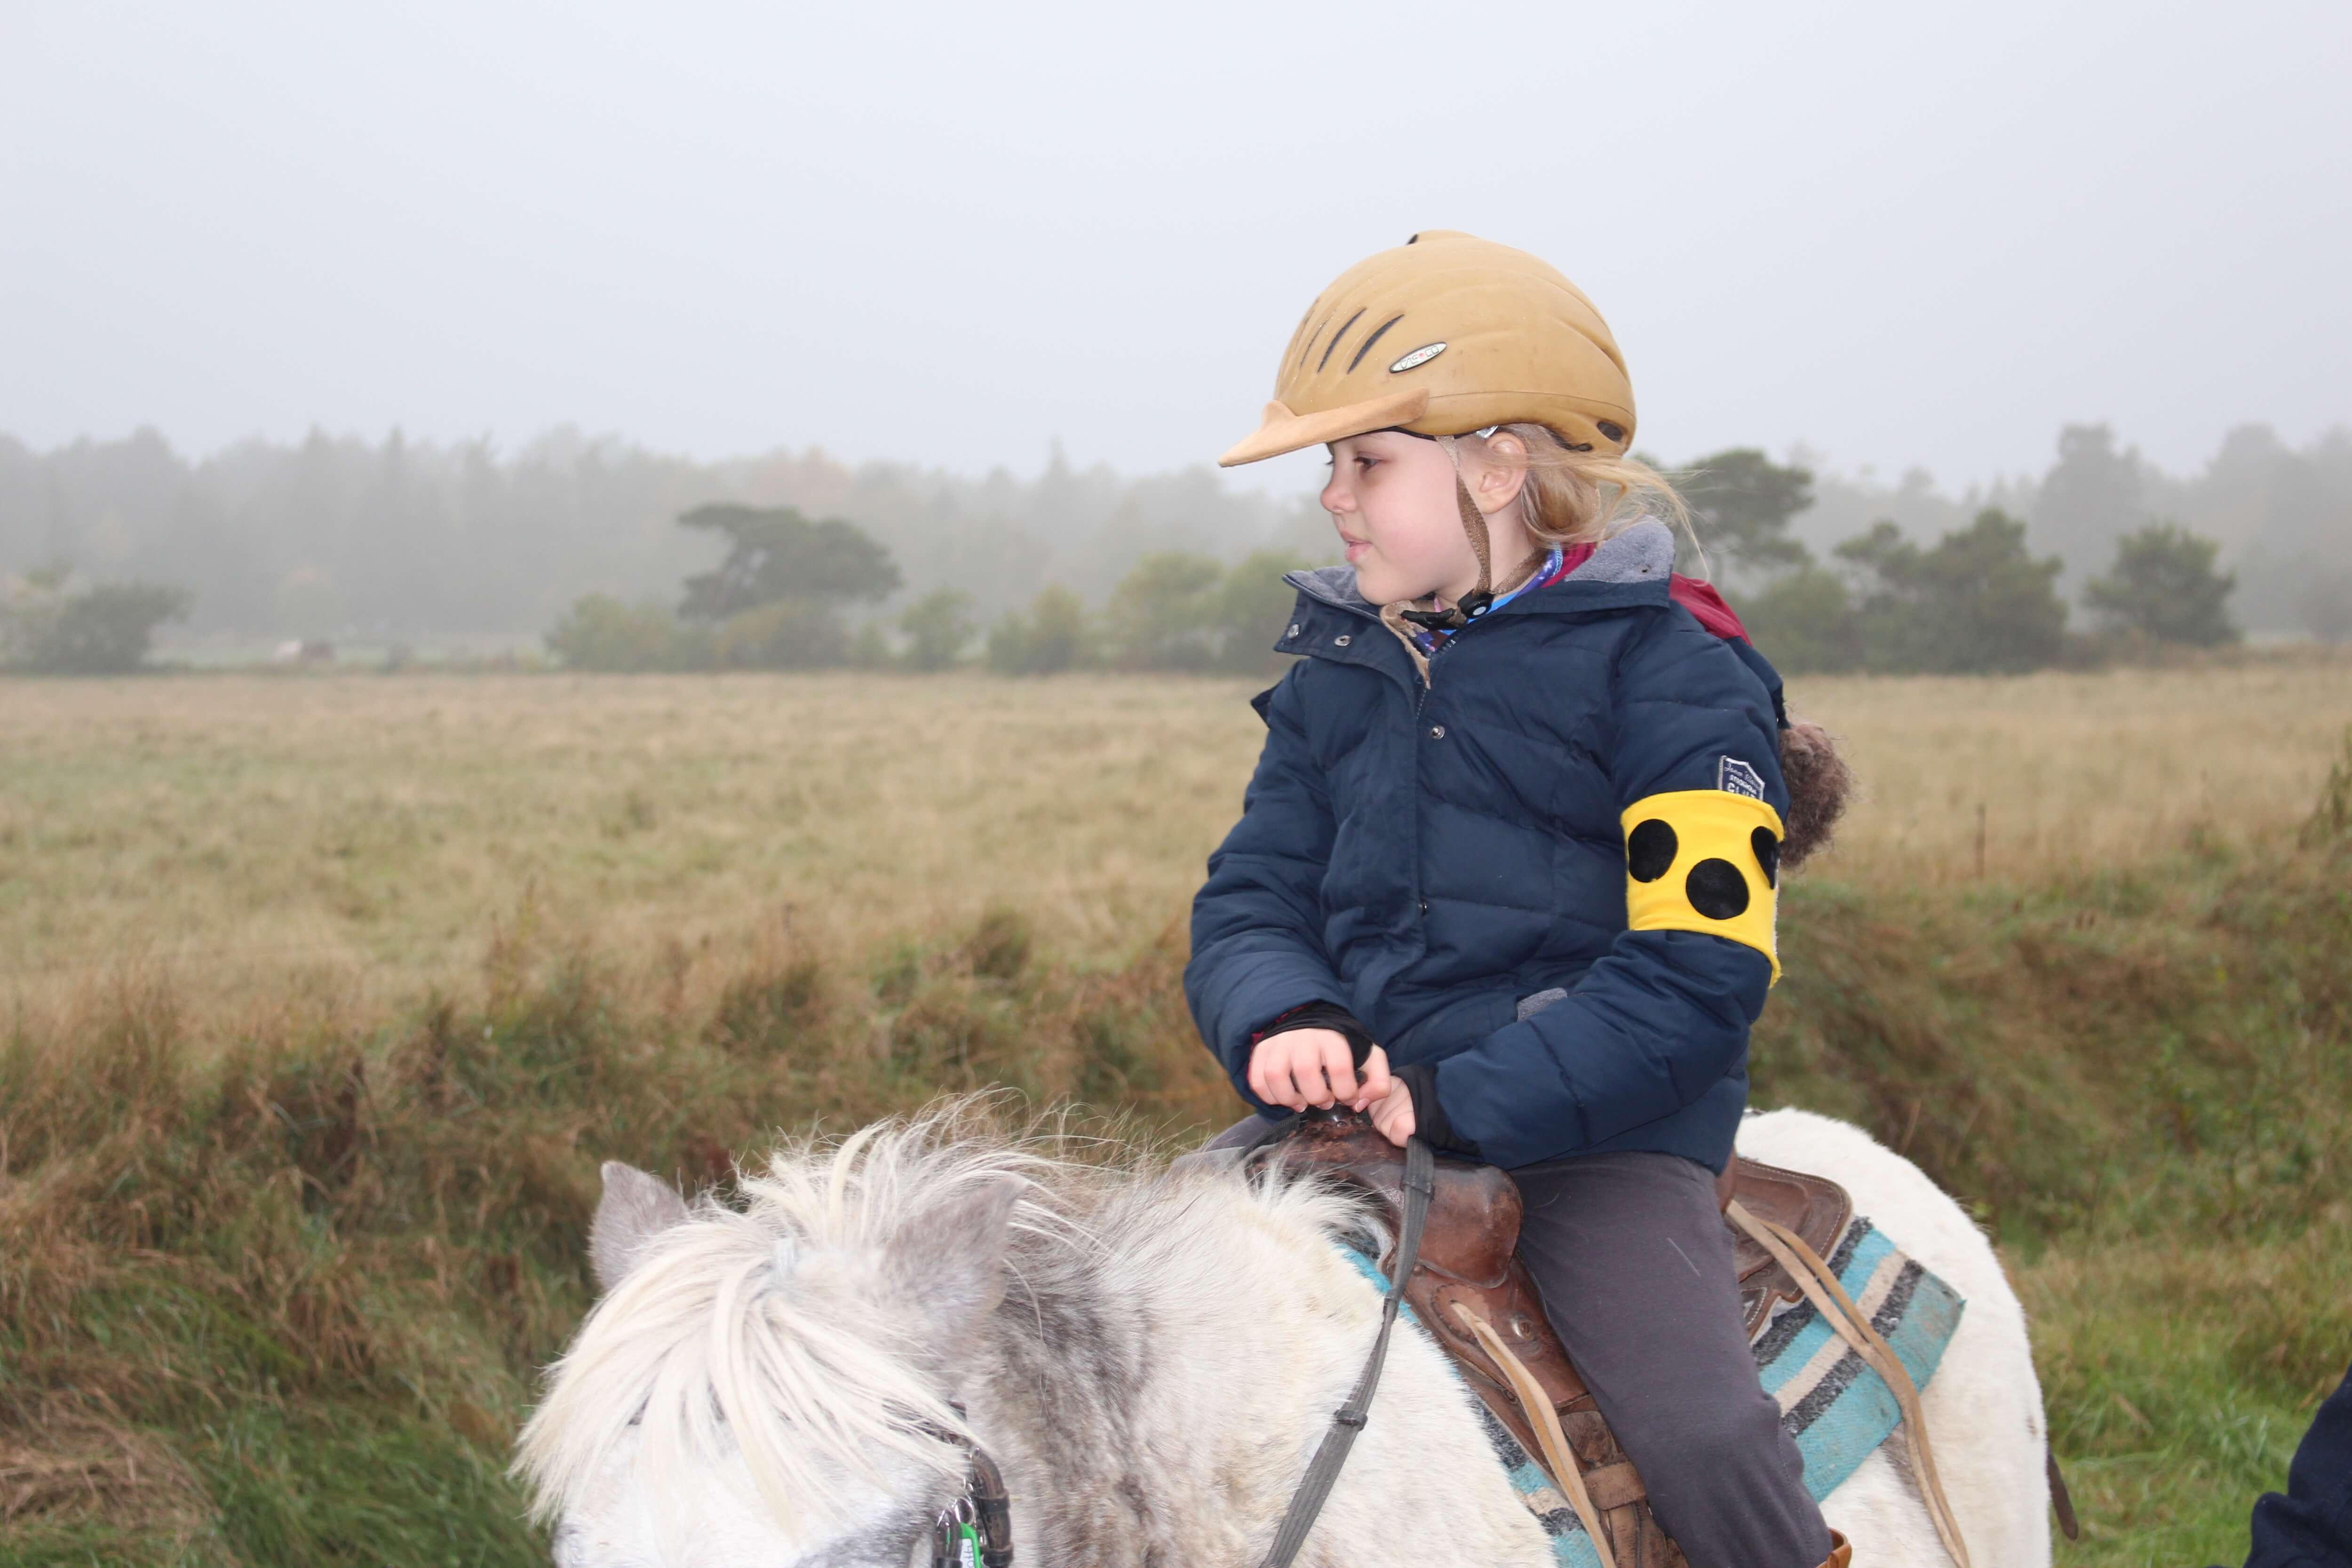 Sarah liebt Pferde